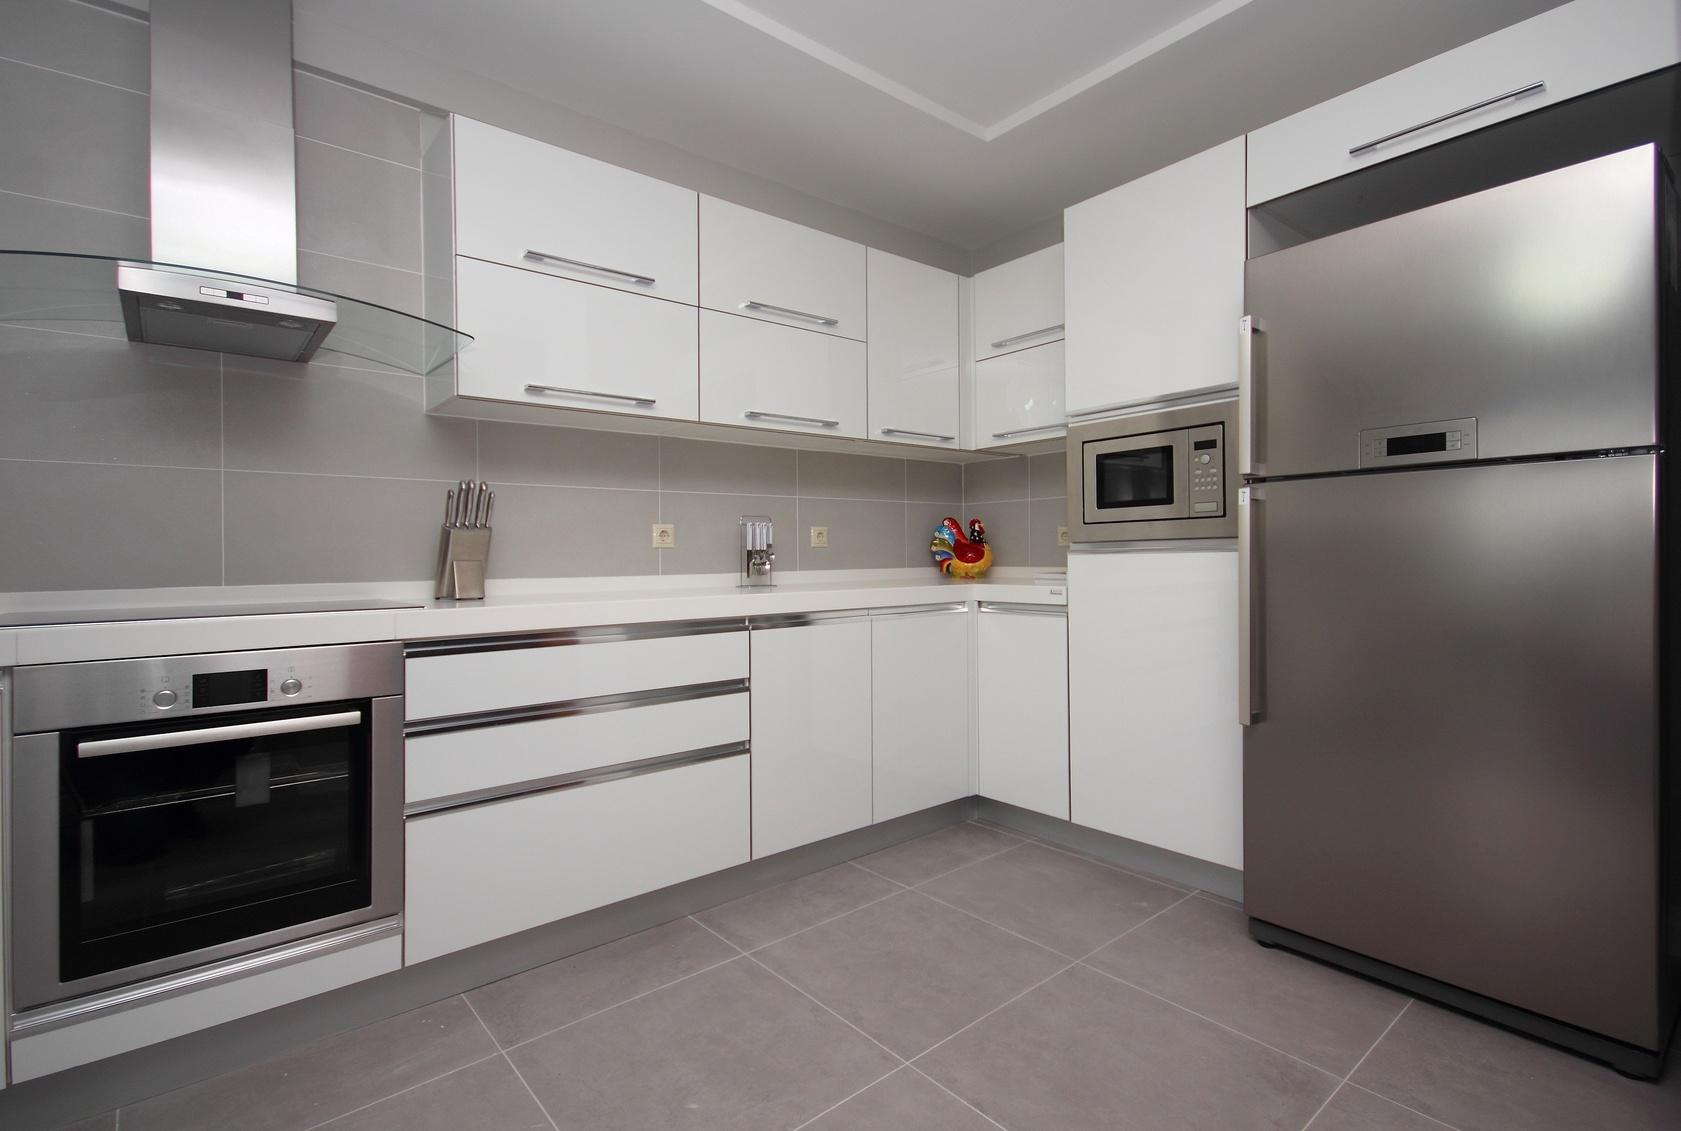 Kleine Küche L Form. Ikea Küche Mit Kochinsel Anordnung Wasserhahn ...